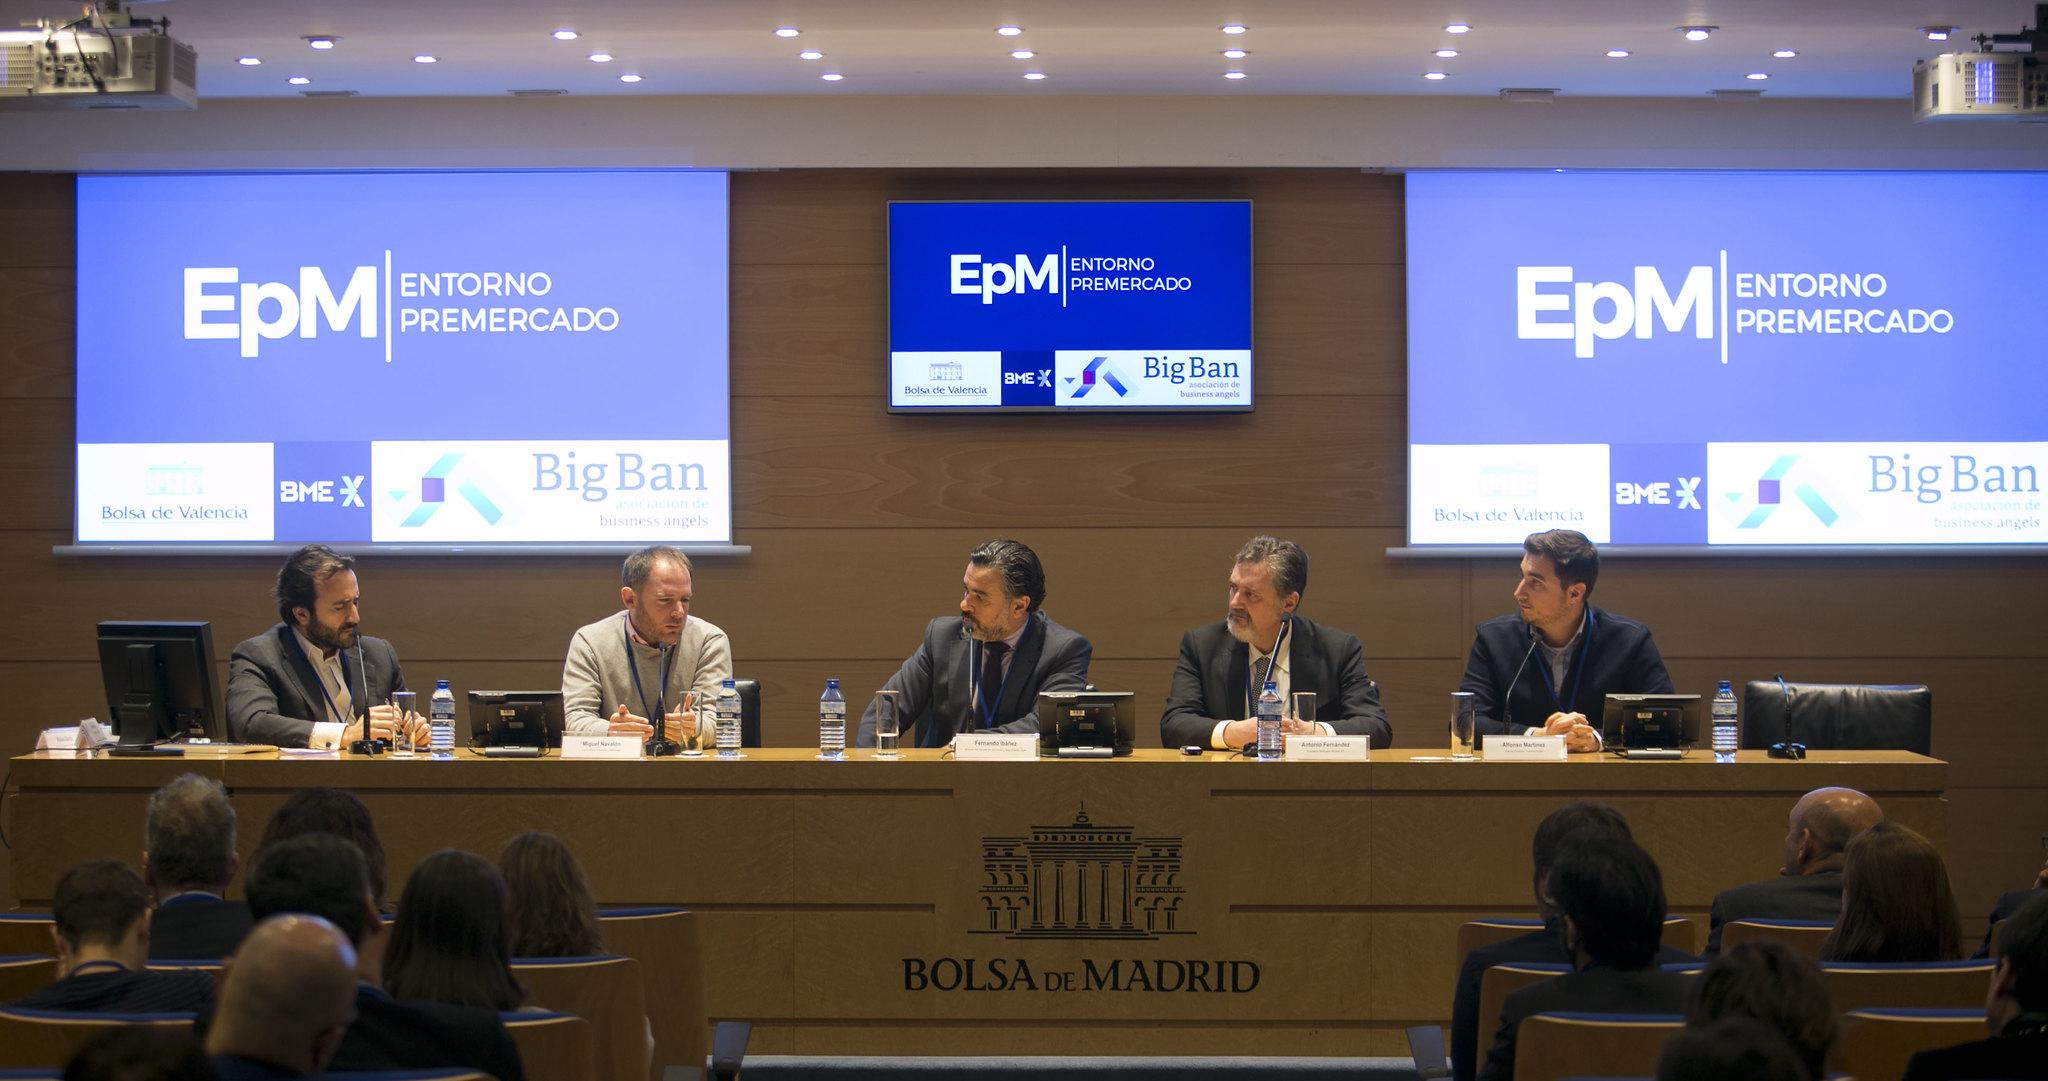 Cuatroochenta en Bolsa de Madrid con Entorno Pre-Mercado